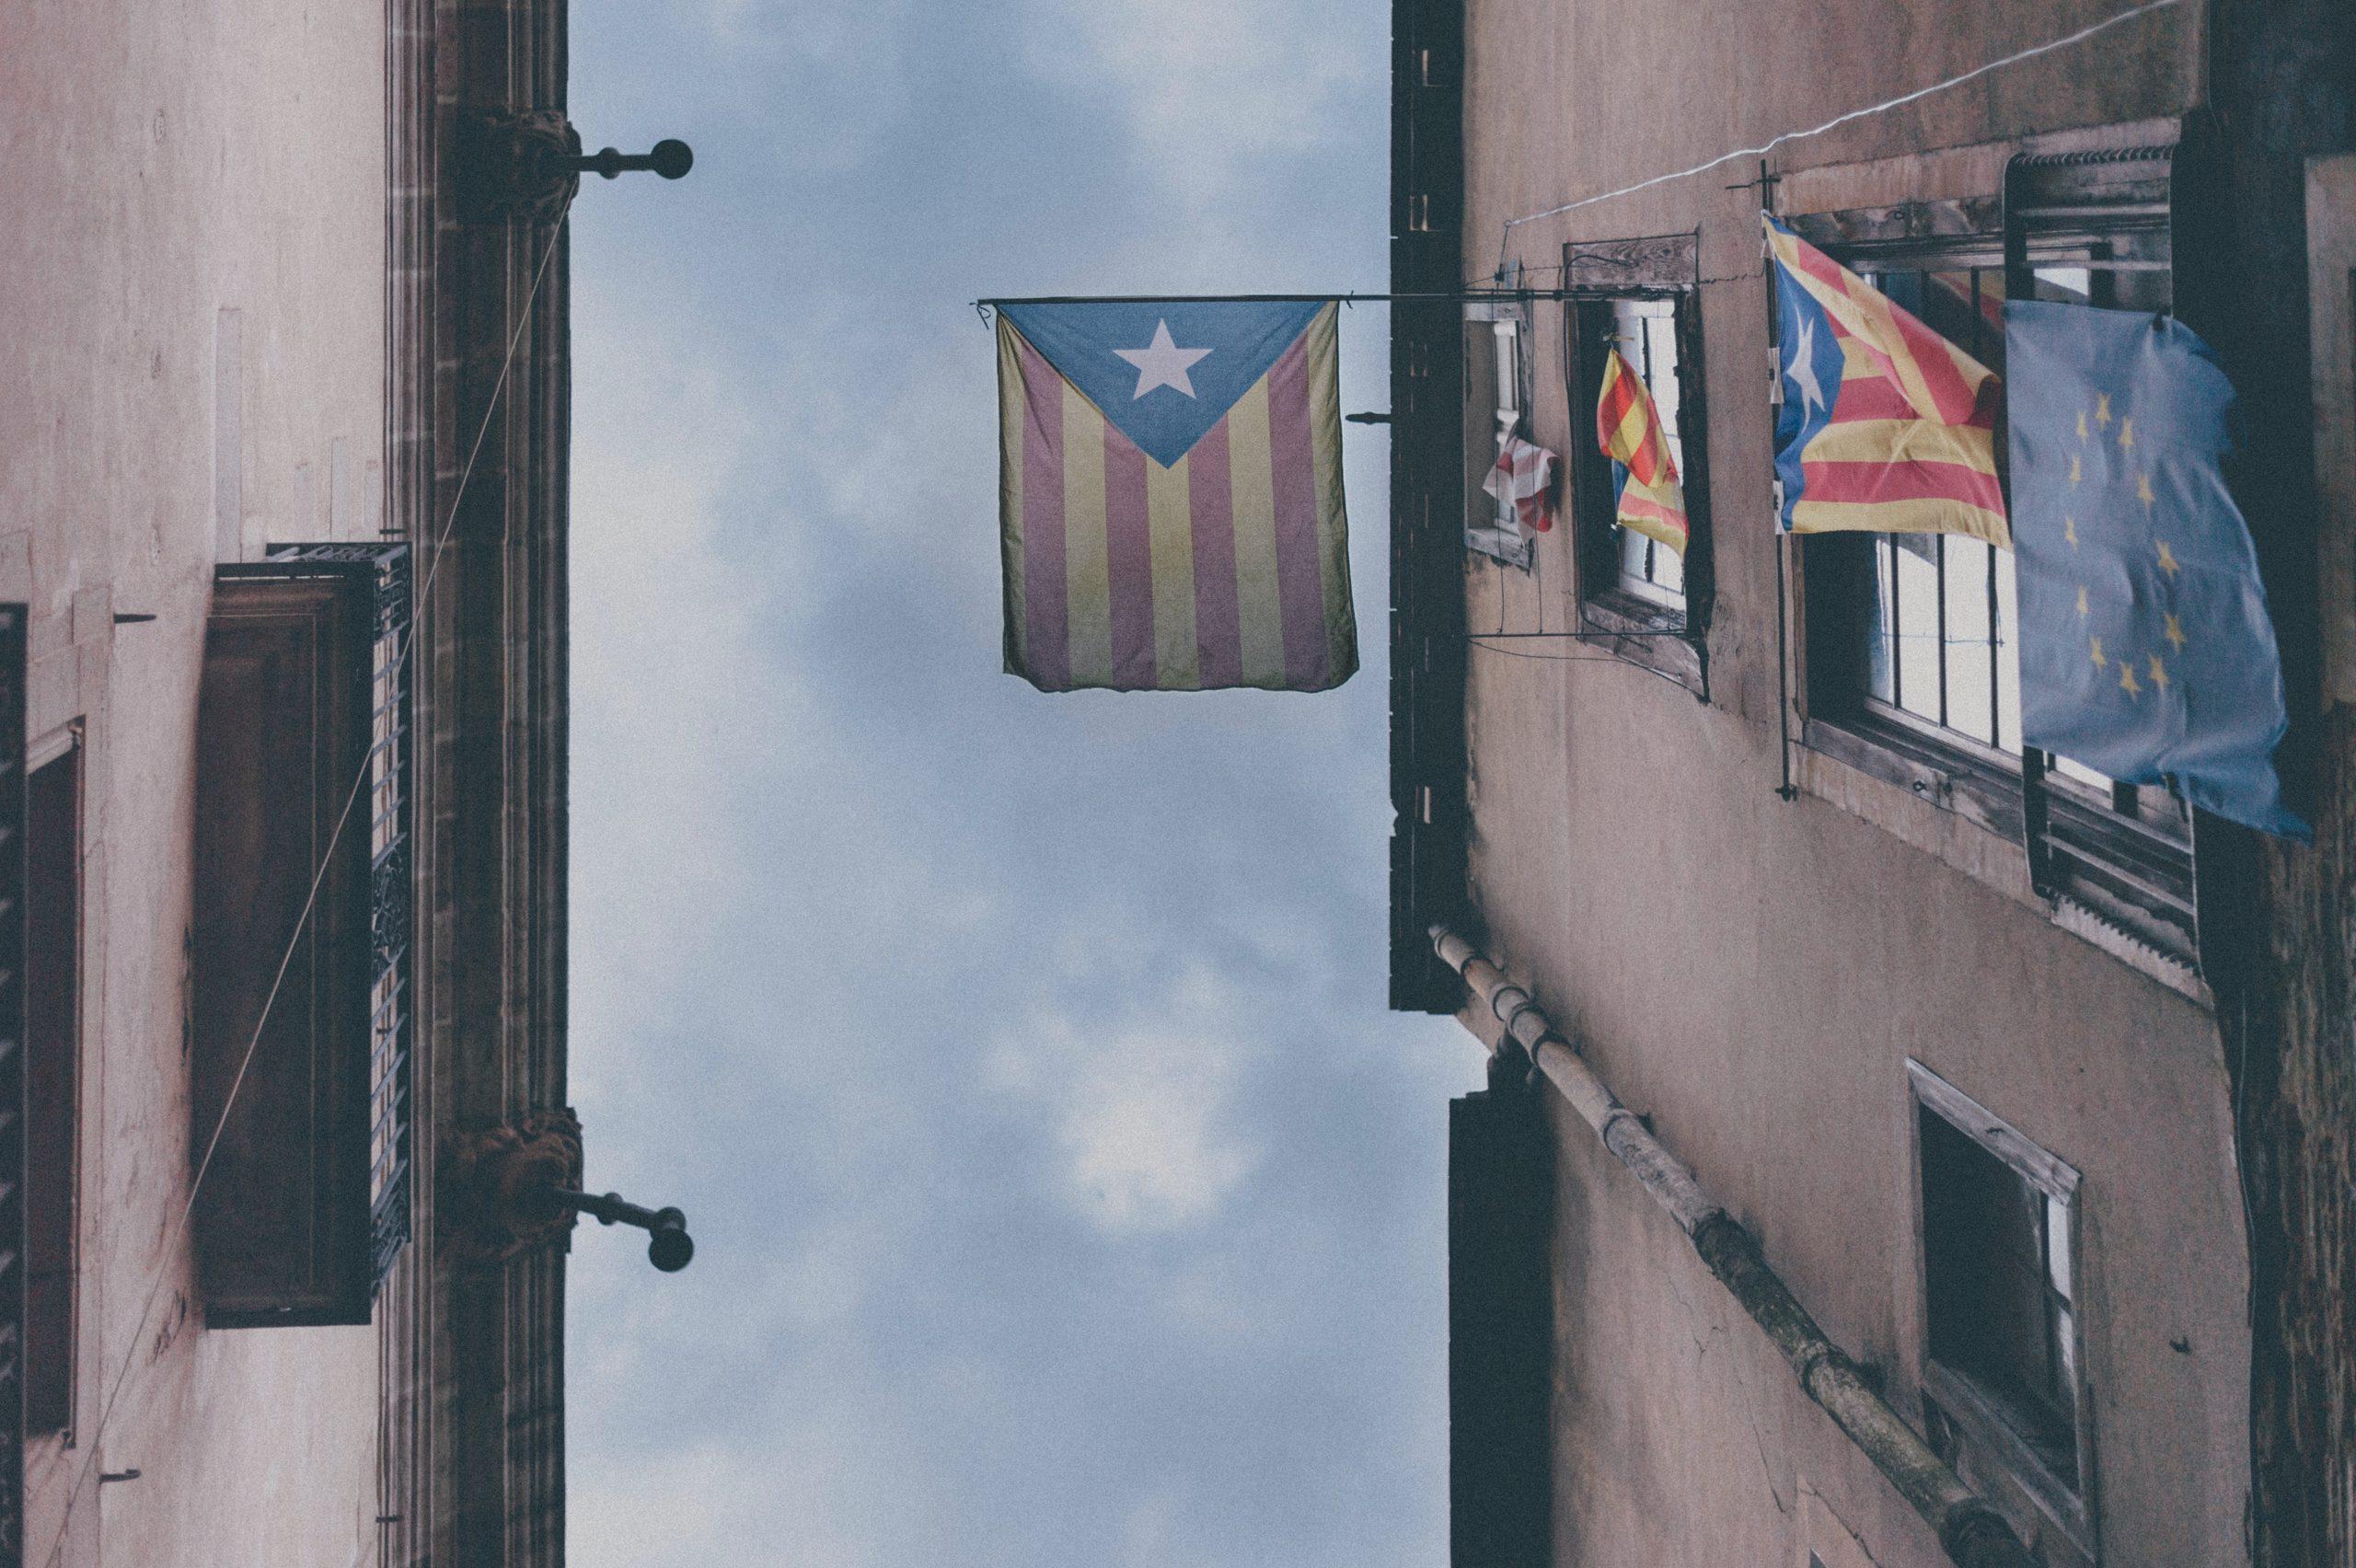 Balcón con esteladas